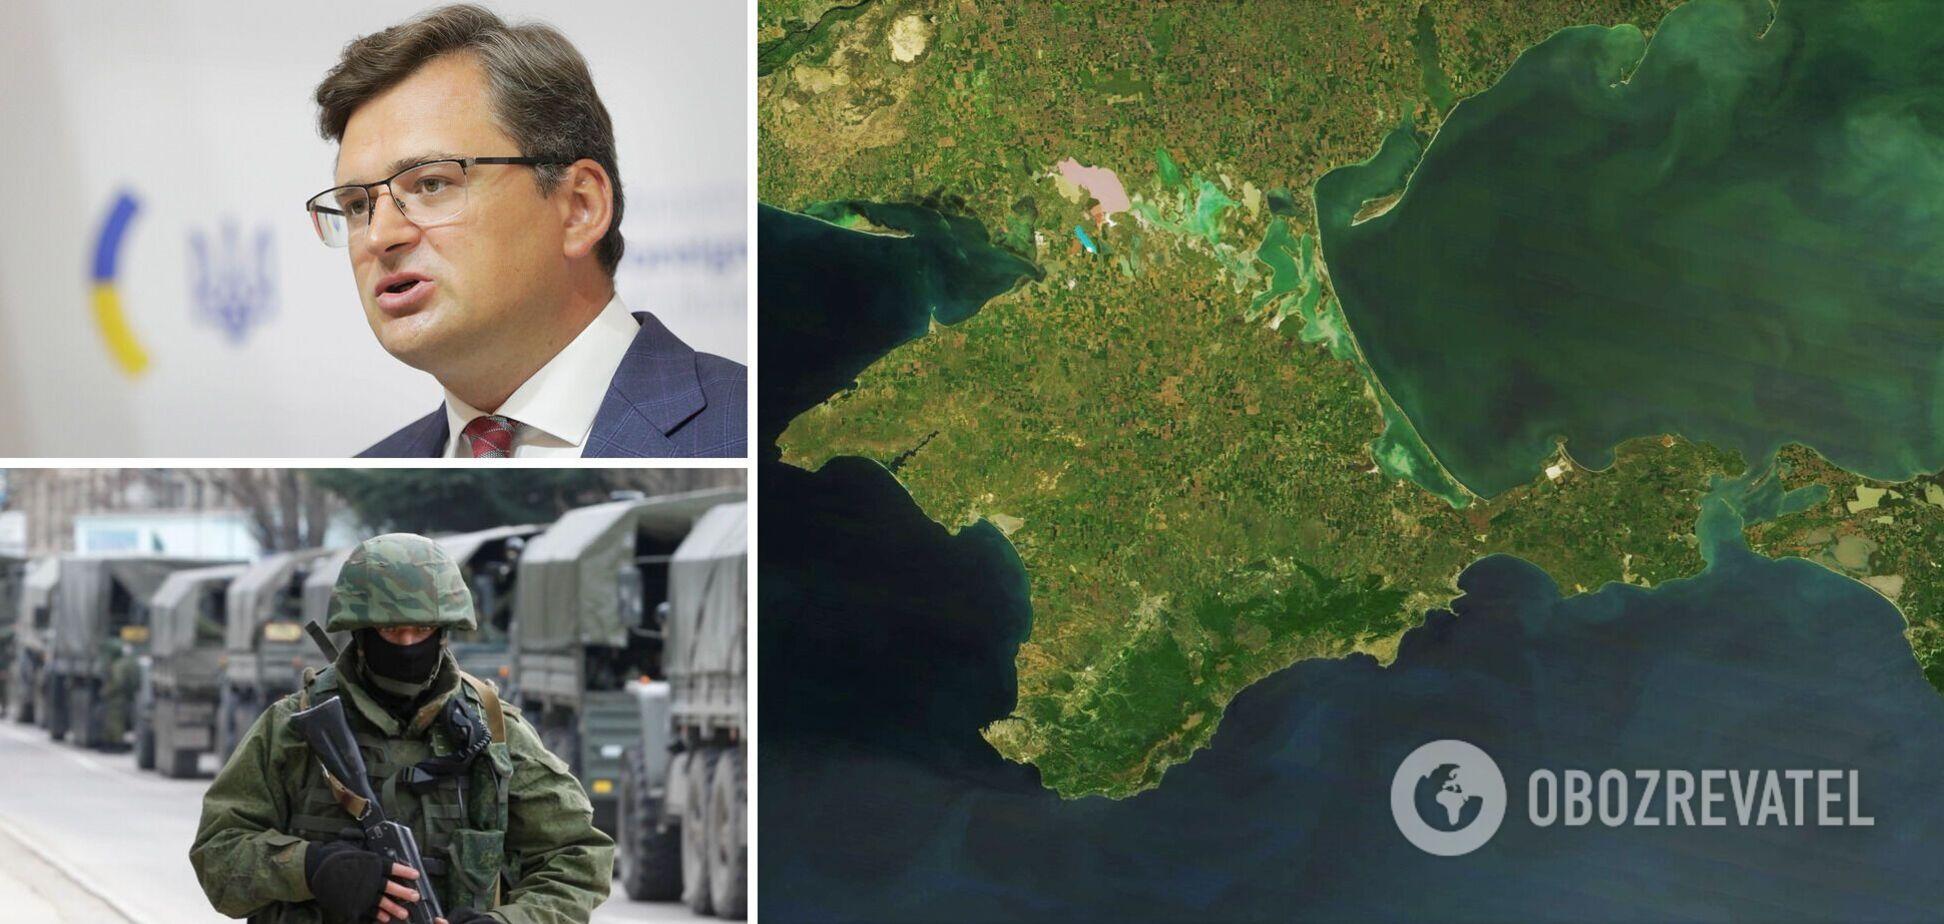 Кулеба призвал Запад не ослаблять давление на Россию из-за Крыма и озвучил главную опасность